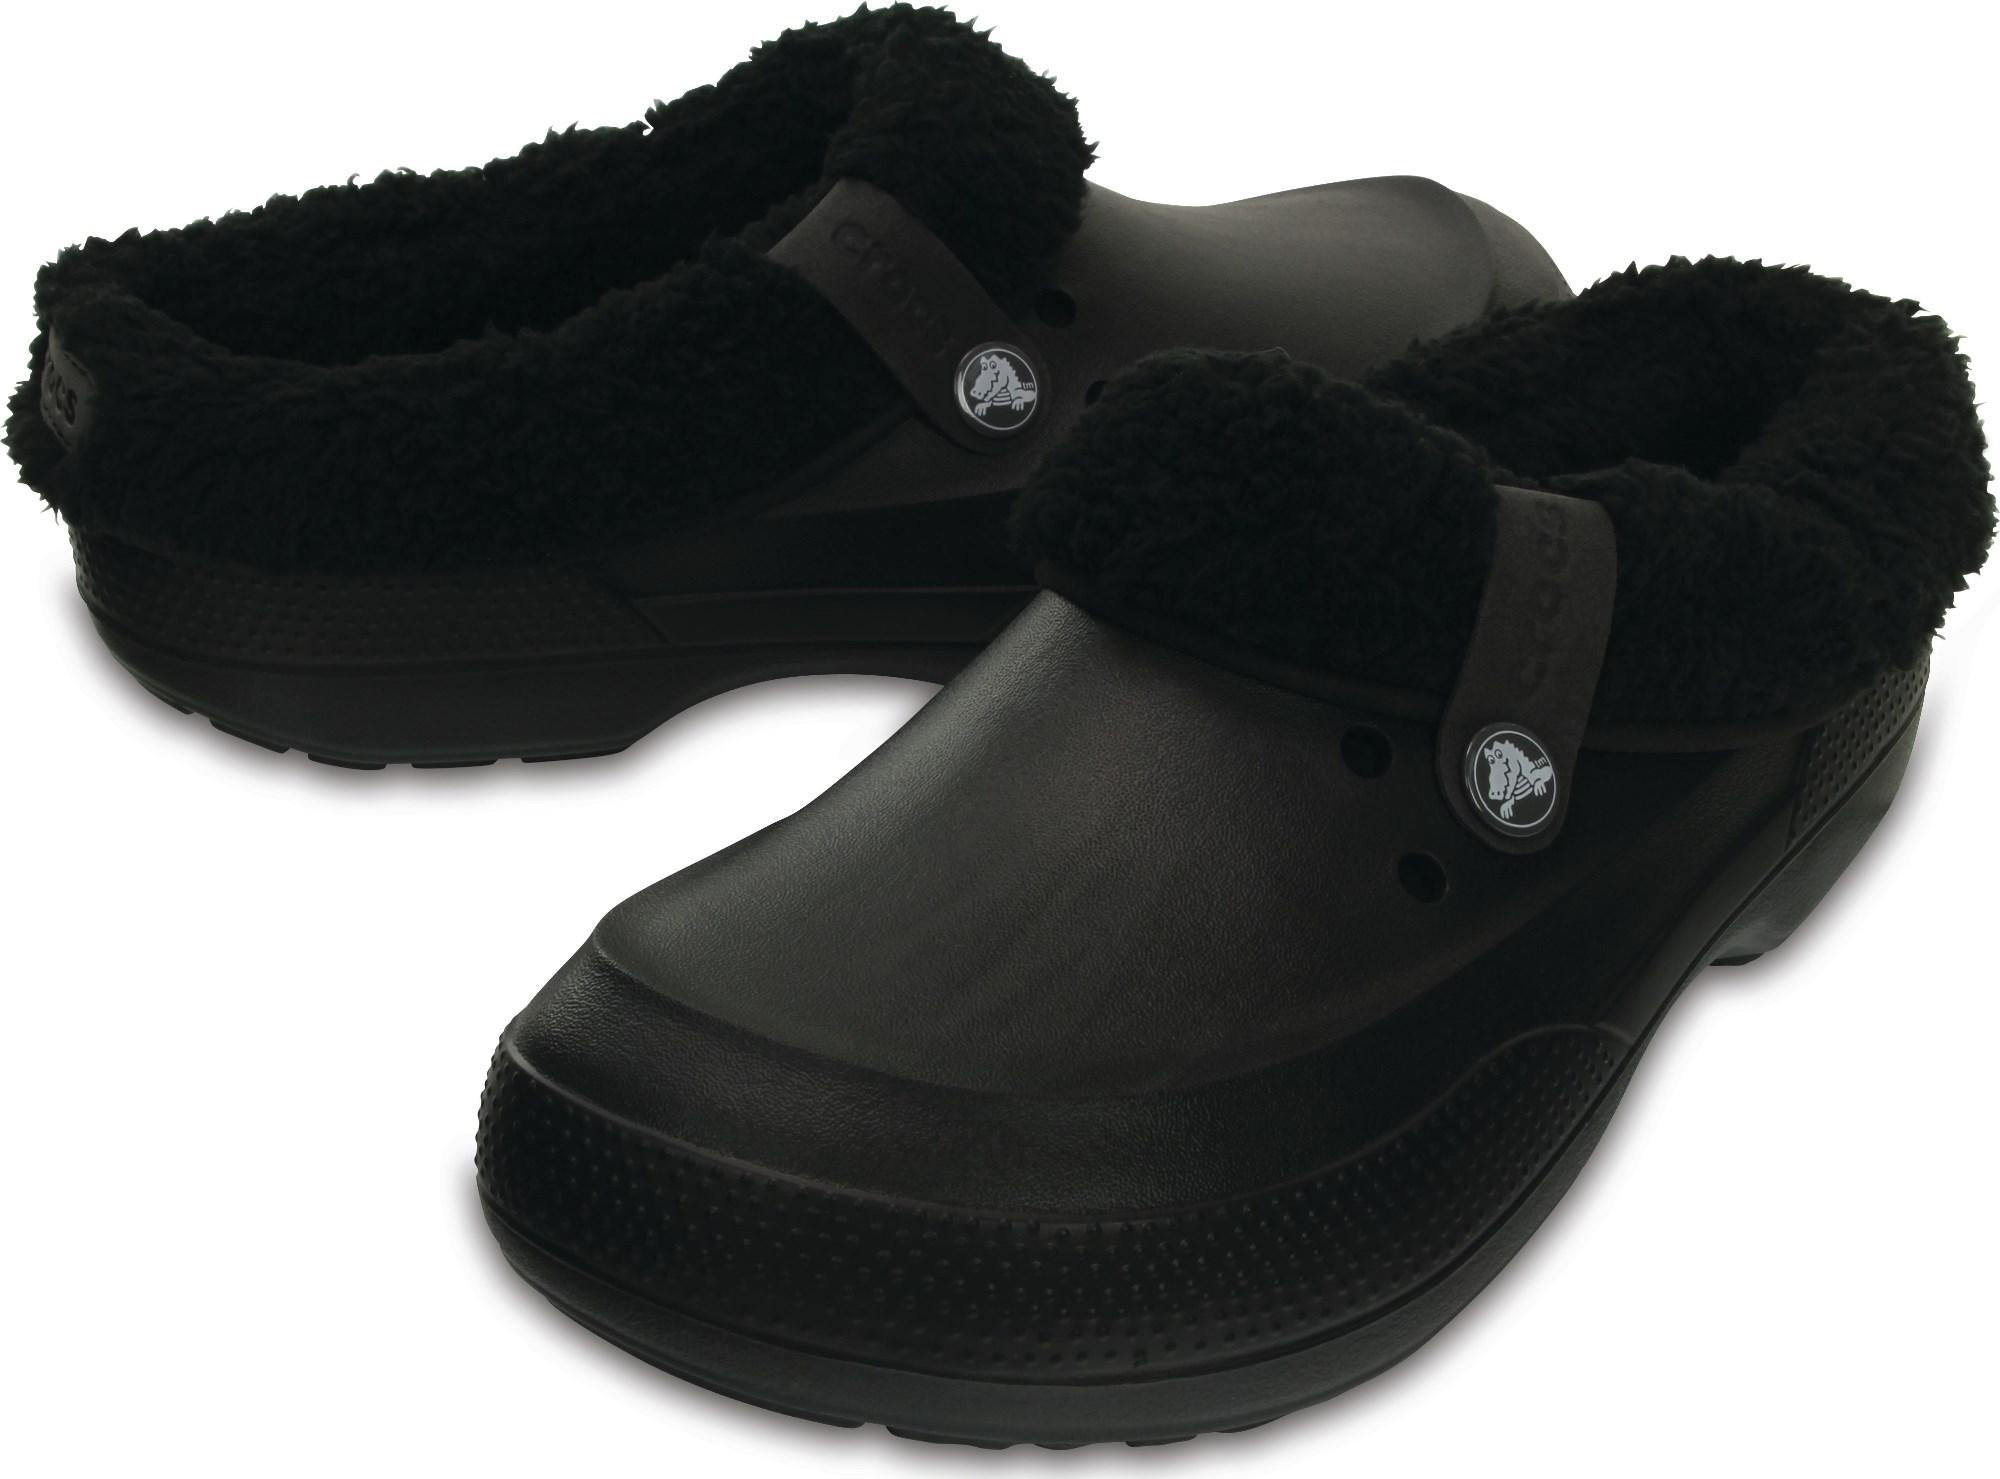 f26964385833 Previous. Crocs™ Classic Blitzen II Clog Black Black ...